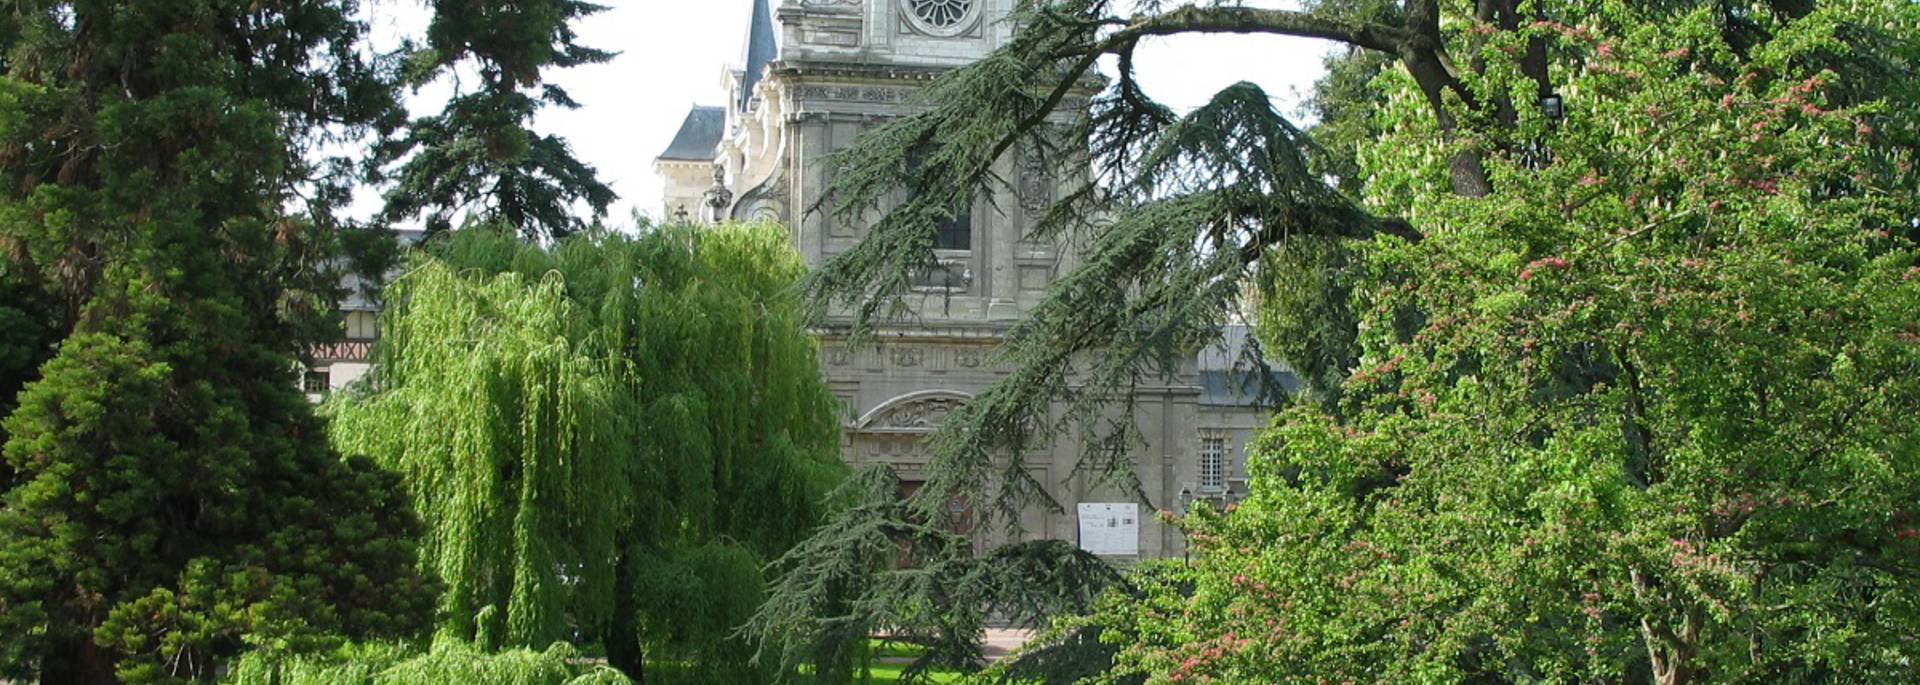 Le jardin Augustin Thierry à Blois